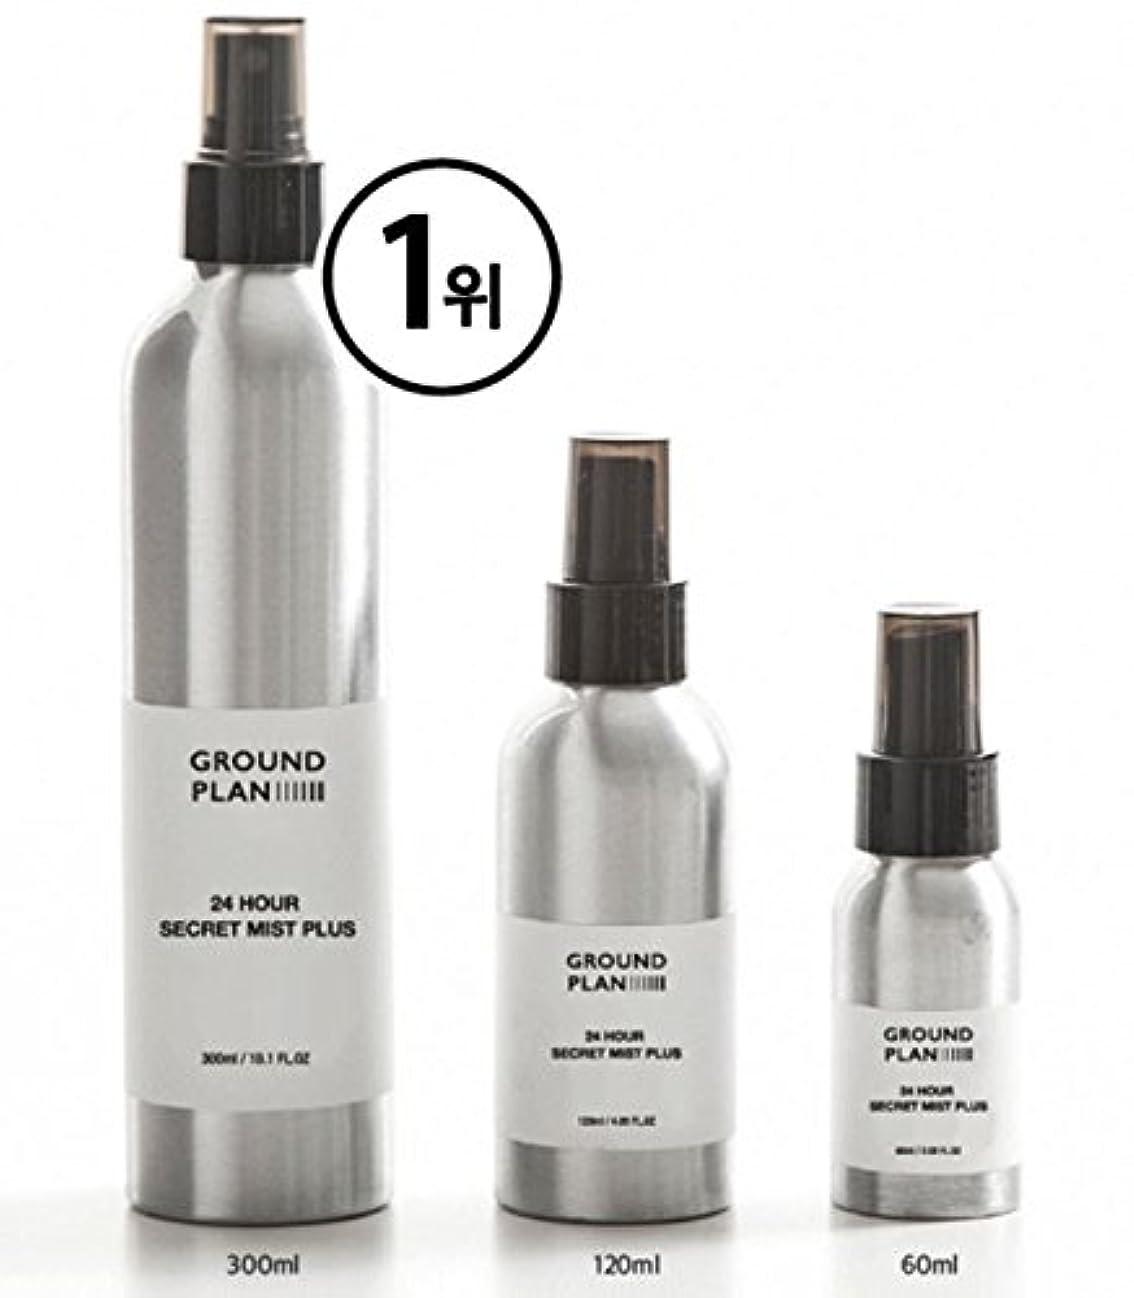 超えて法王店員[グラウンド?プラン] 24Hour 秘密 スキンミスト Plus (120ml) (300ml) Ground plan 24 Hour Secret Skin Mist Plus [海外直送品] (120ml)